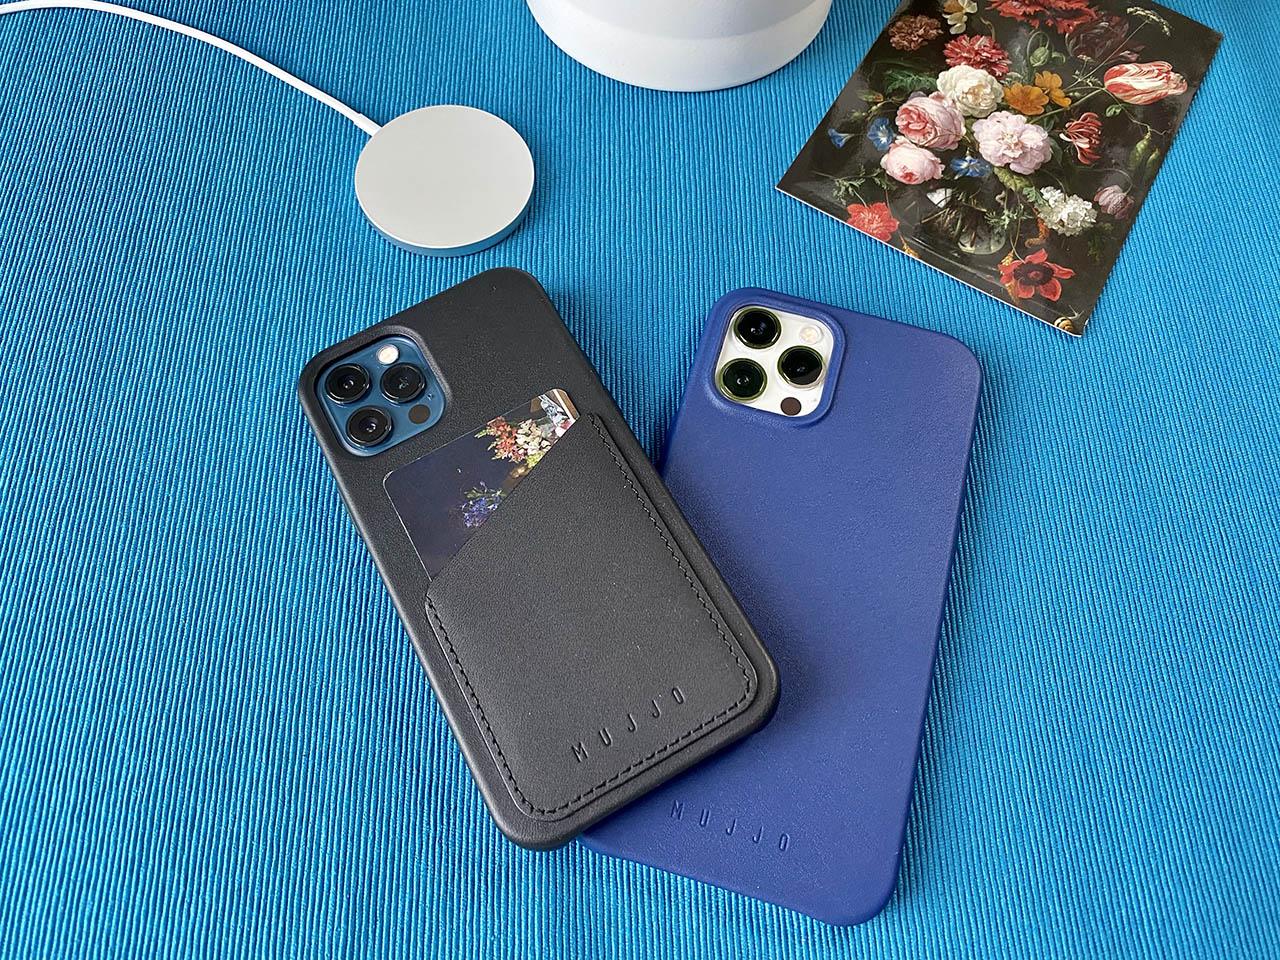 Mujjo-hoesjes voor iPhone 12